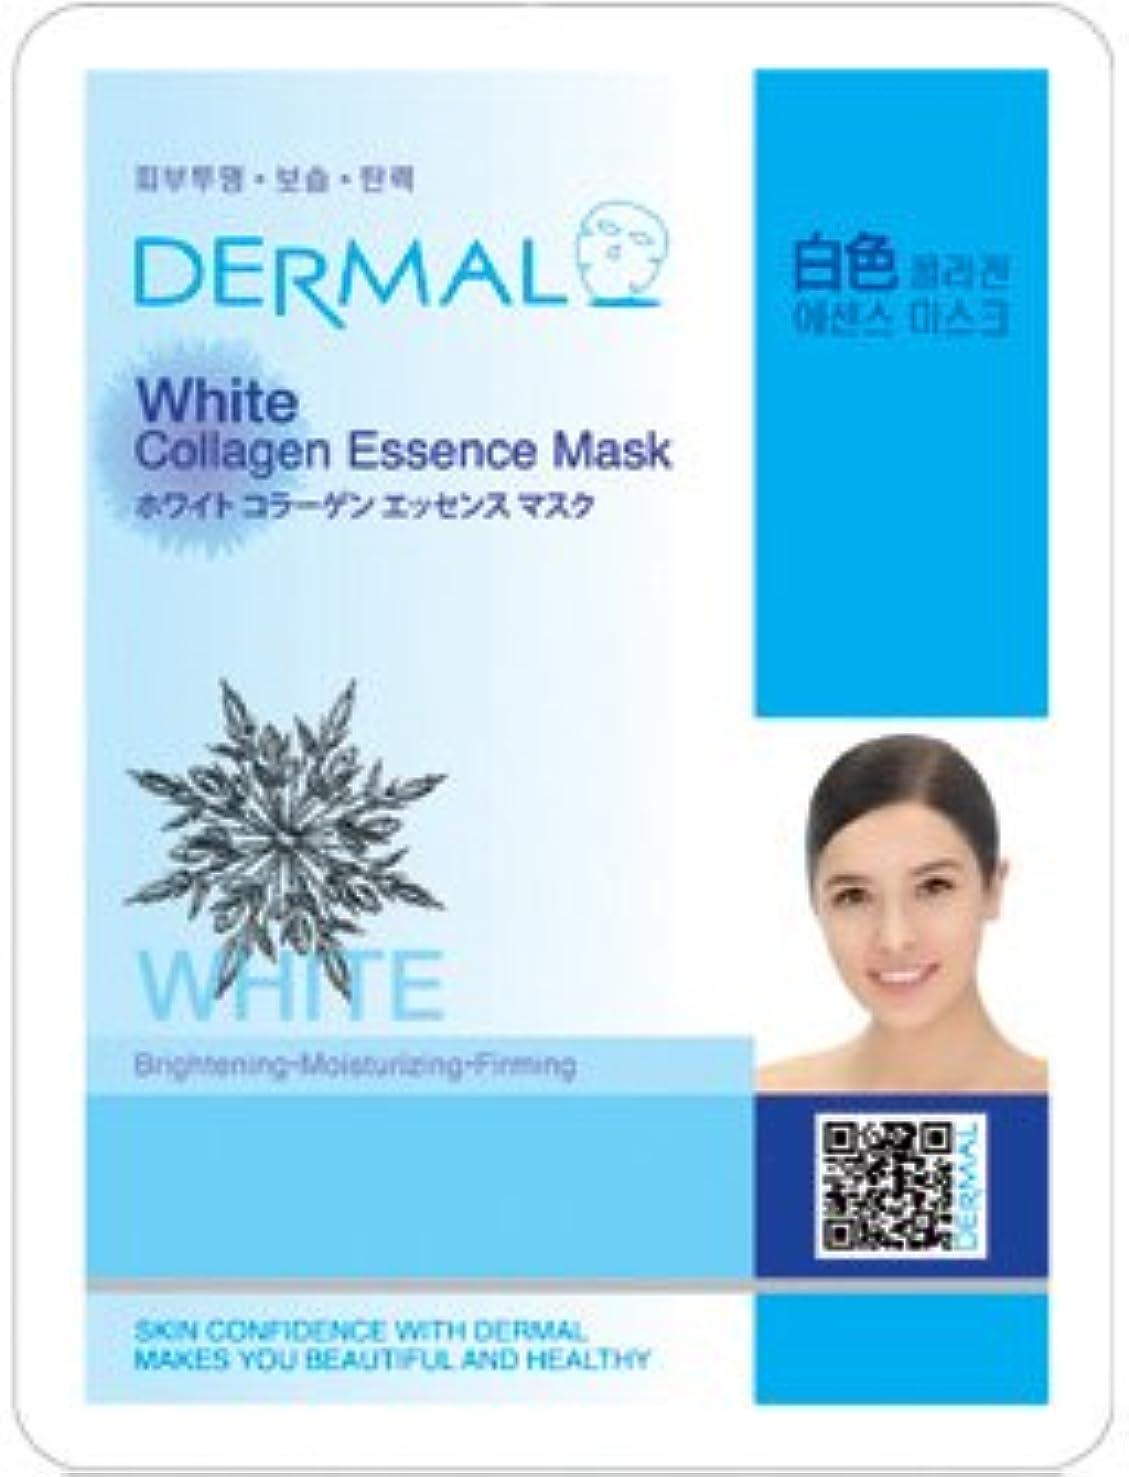 シートマスク ホワイト 100枚セット ダーマル(Dermal) フェイス パック